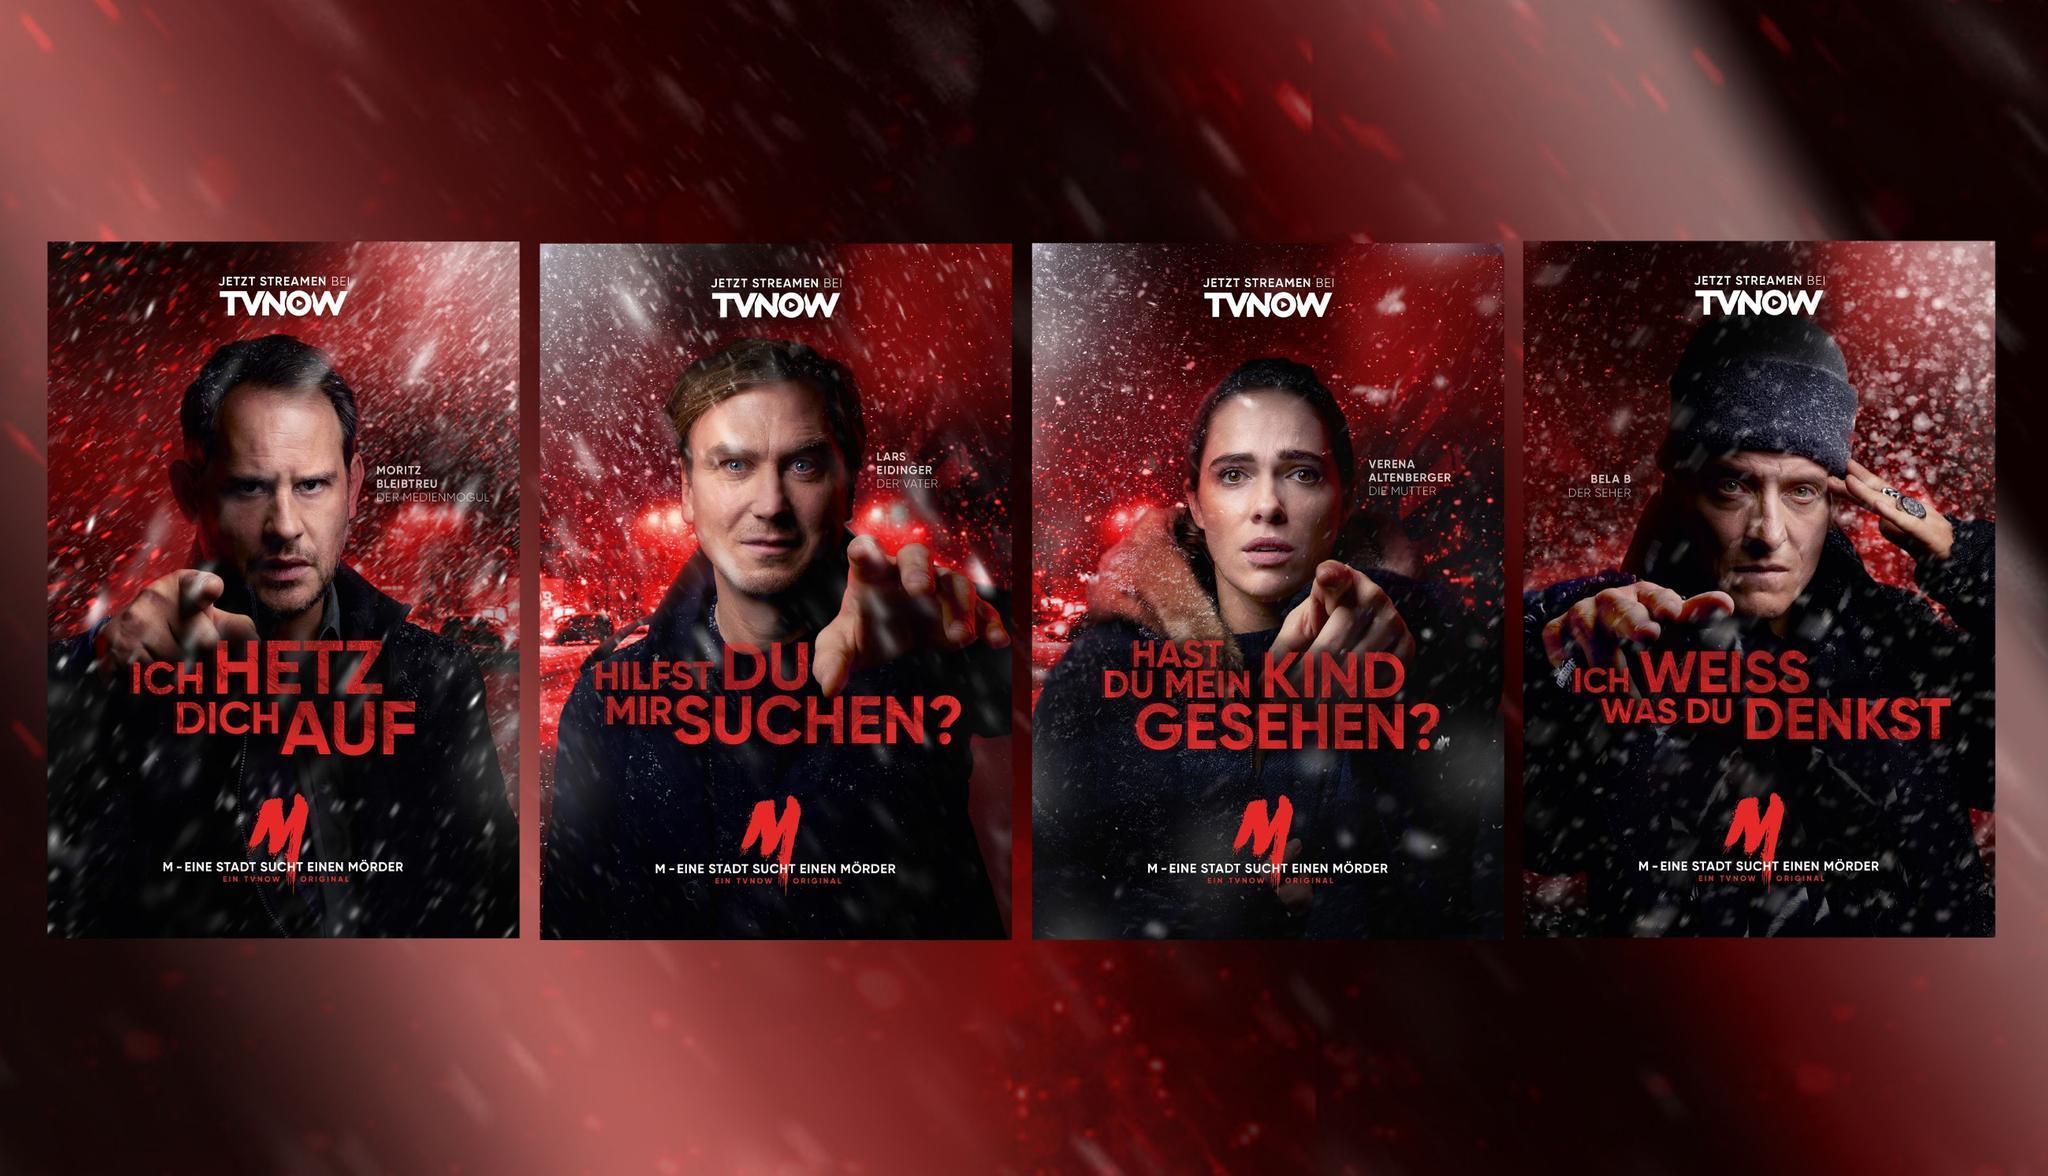 Key-Visuals zur neuen TVNOW-Produktion